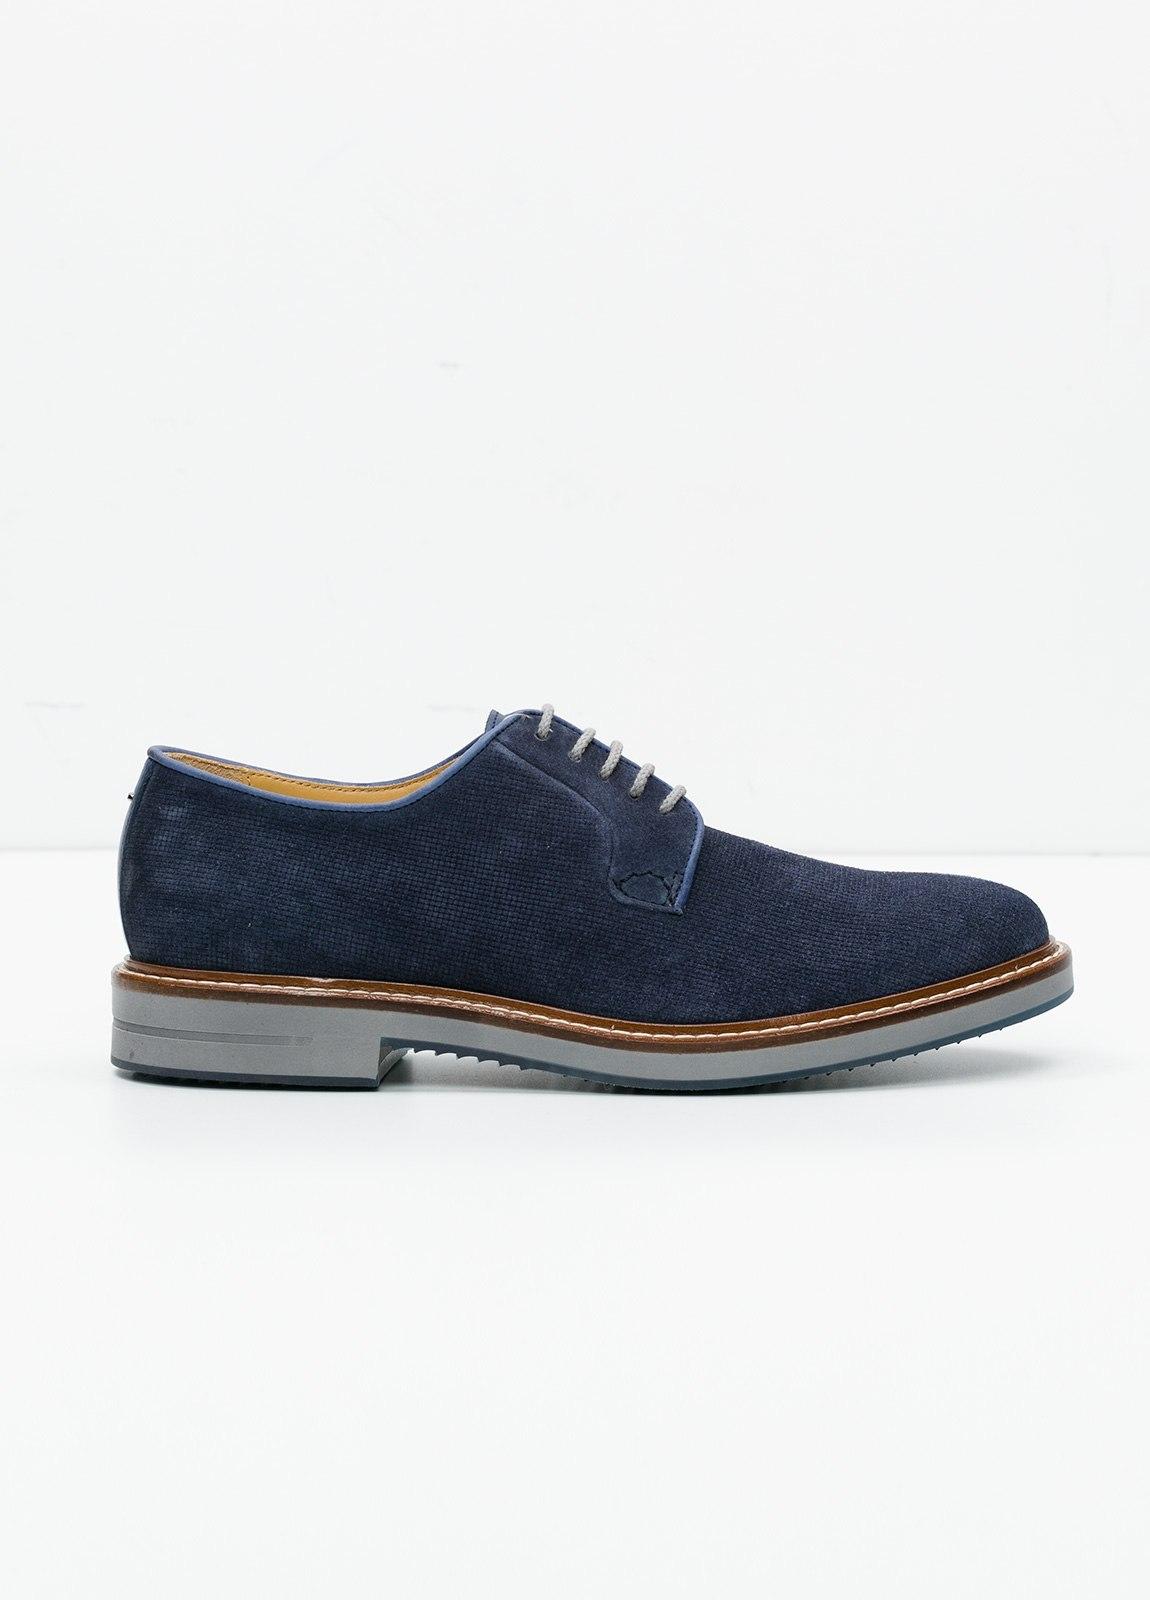 Zapato Sport Wear color azul. 100% Serraje.